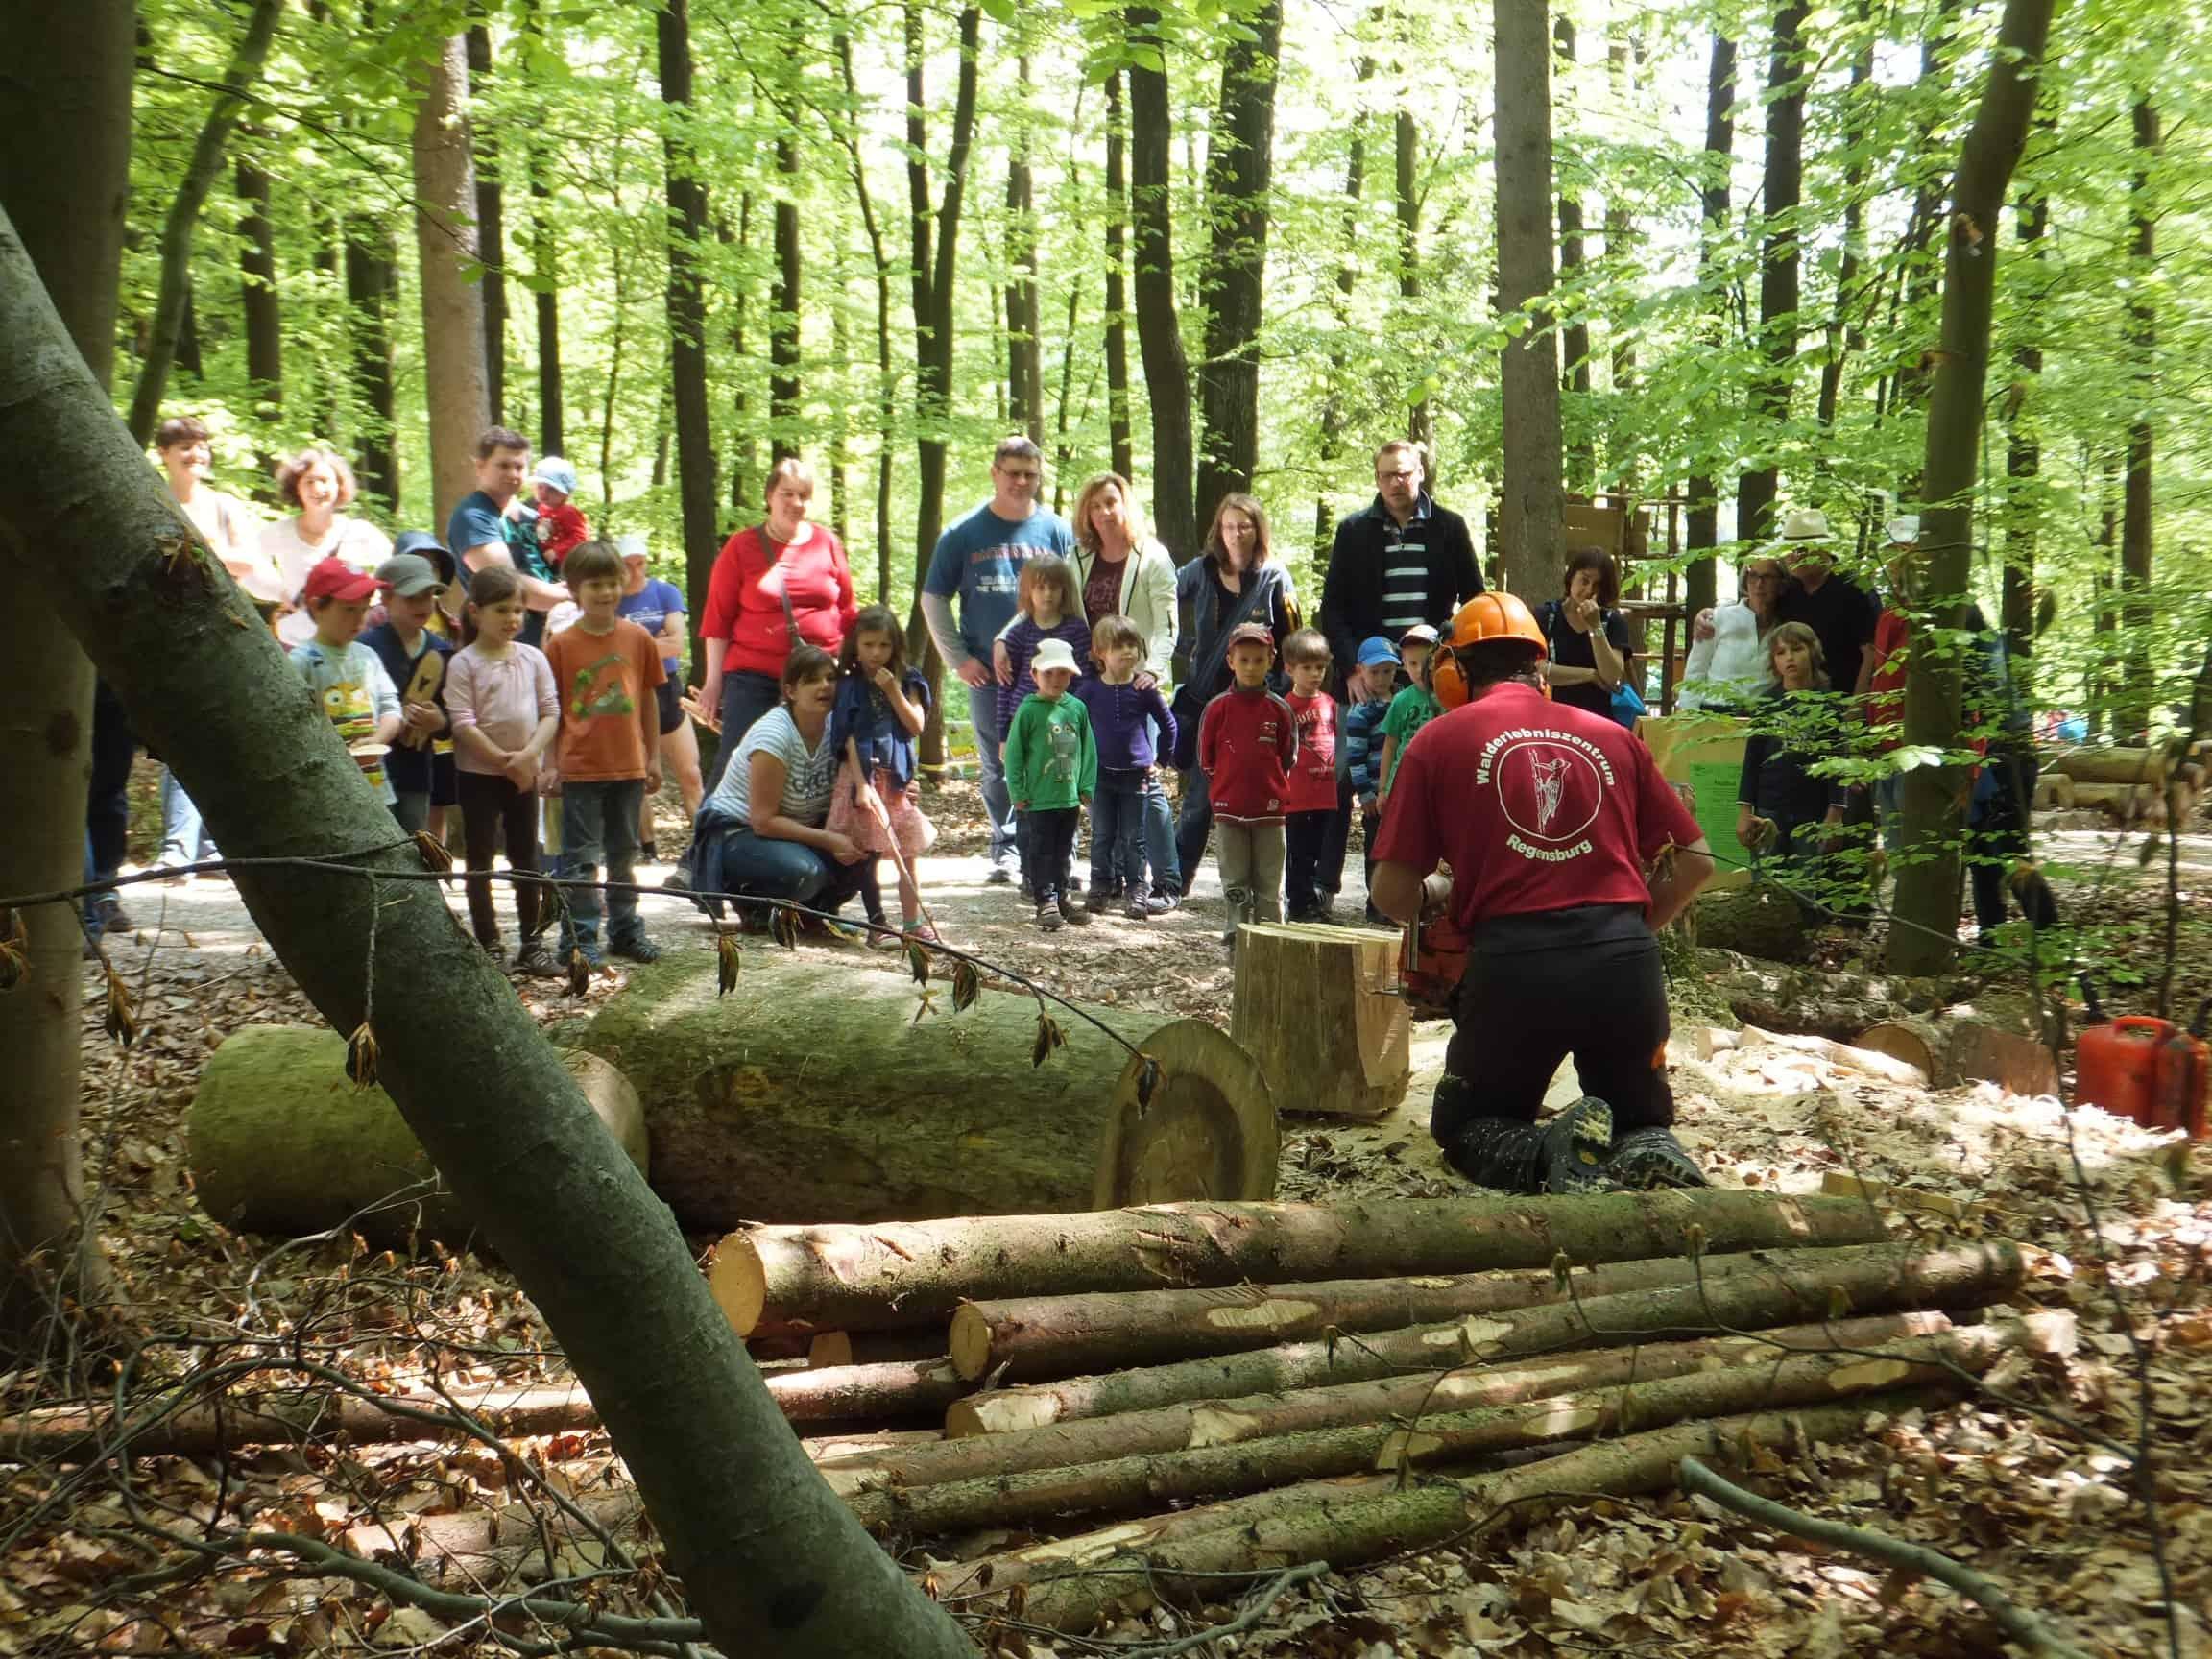 Am Sonntag: Großes Waldfest am Walderlebniszentrum Sinzing